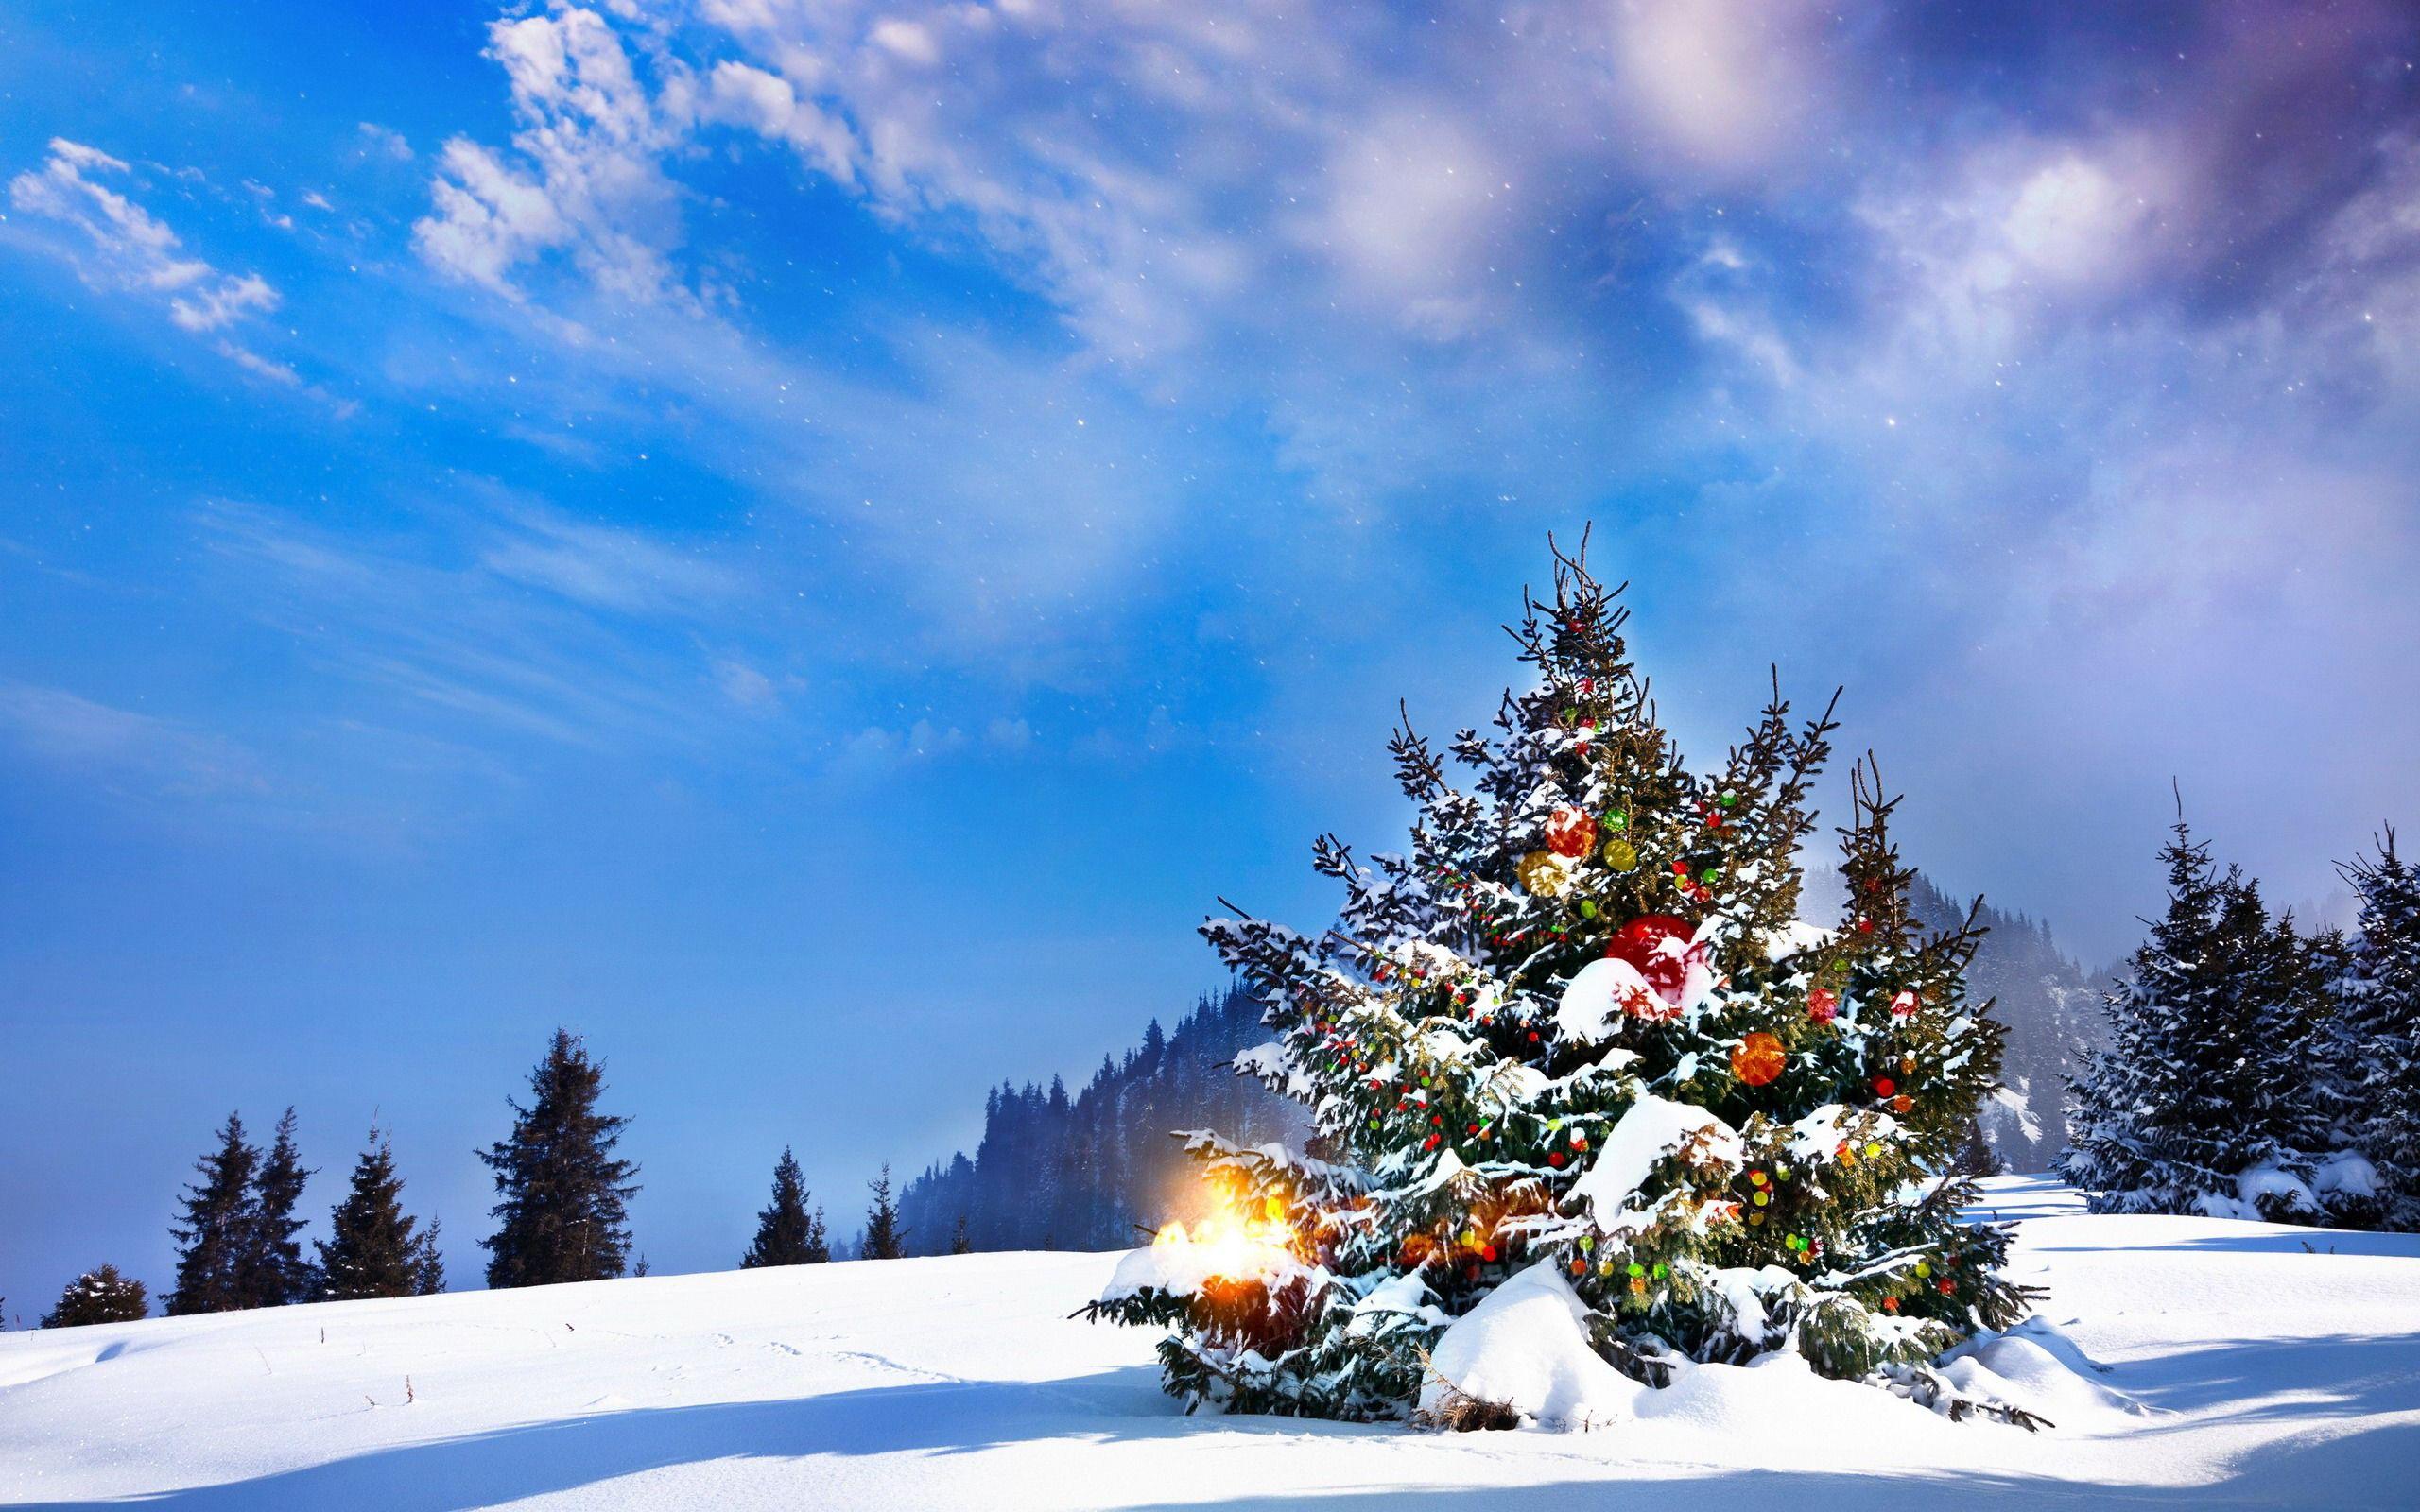 картинки новогоднего леса этого